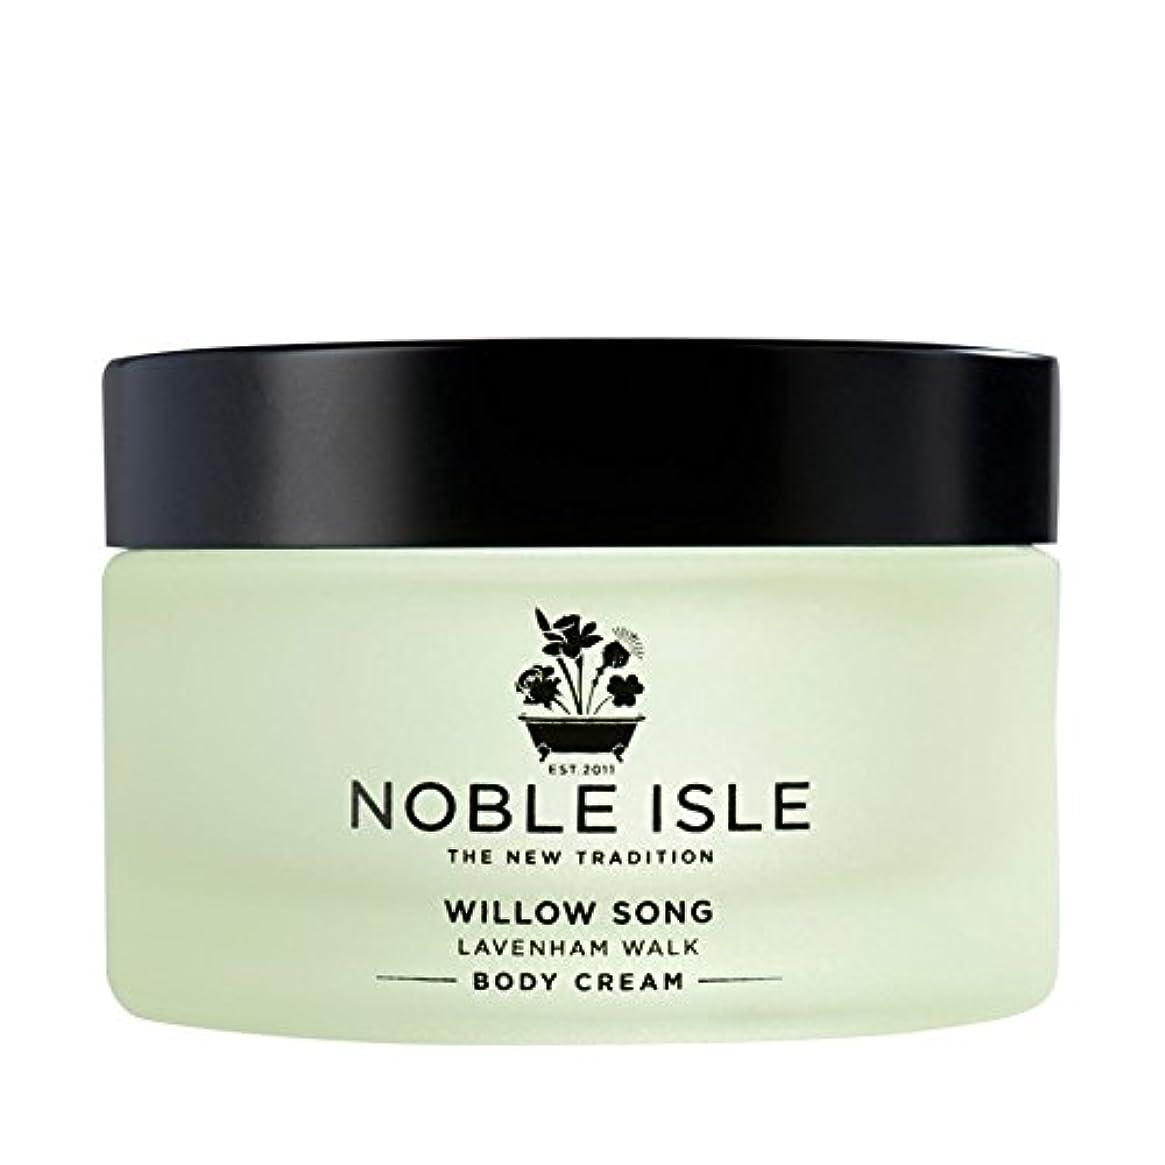 ハチ愛情ハイキング高貴な島柳の歌ラヴァンハム徒歩ボディクリーム170ミリリットル x2 - Noble Isle Willow Song Lavenham Walk Body Cream 170ml (Pack of 2) [並行輸入品]